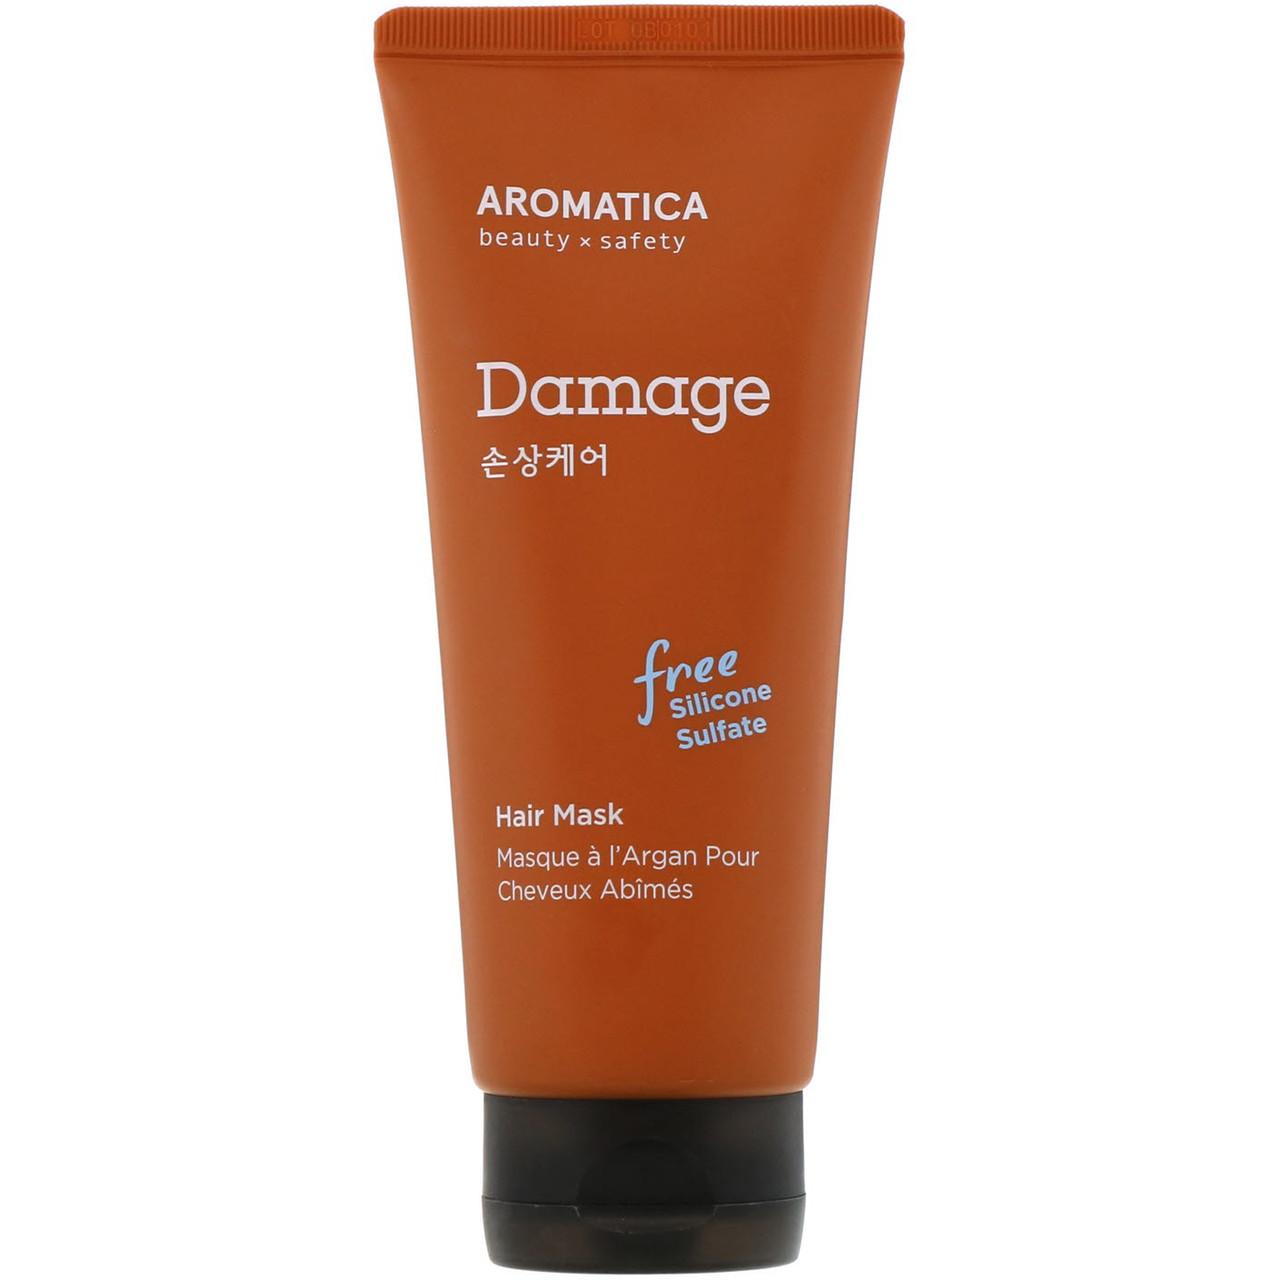 Питательная маска с маслом арганы для повреждённых волос AROMATICA Argan Damage Hair Mask, 180 мл